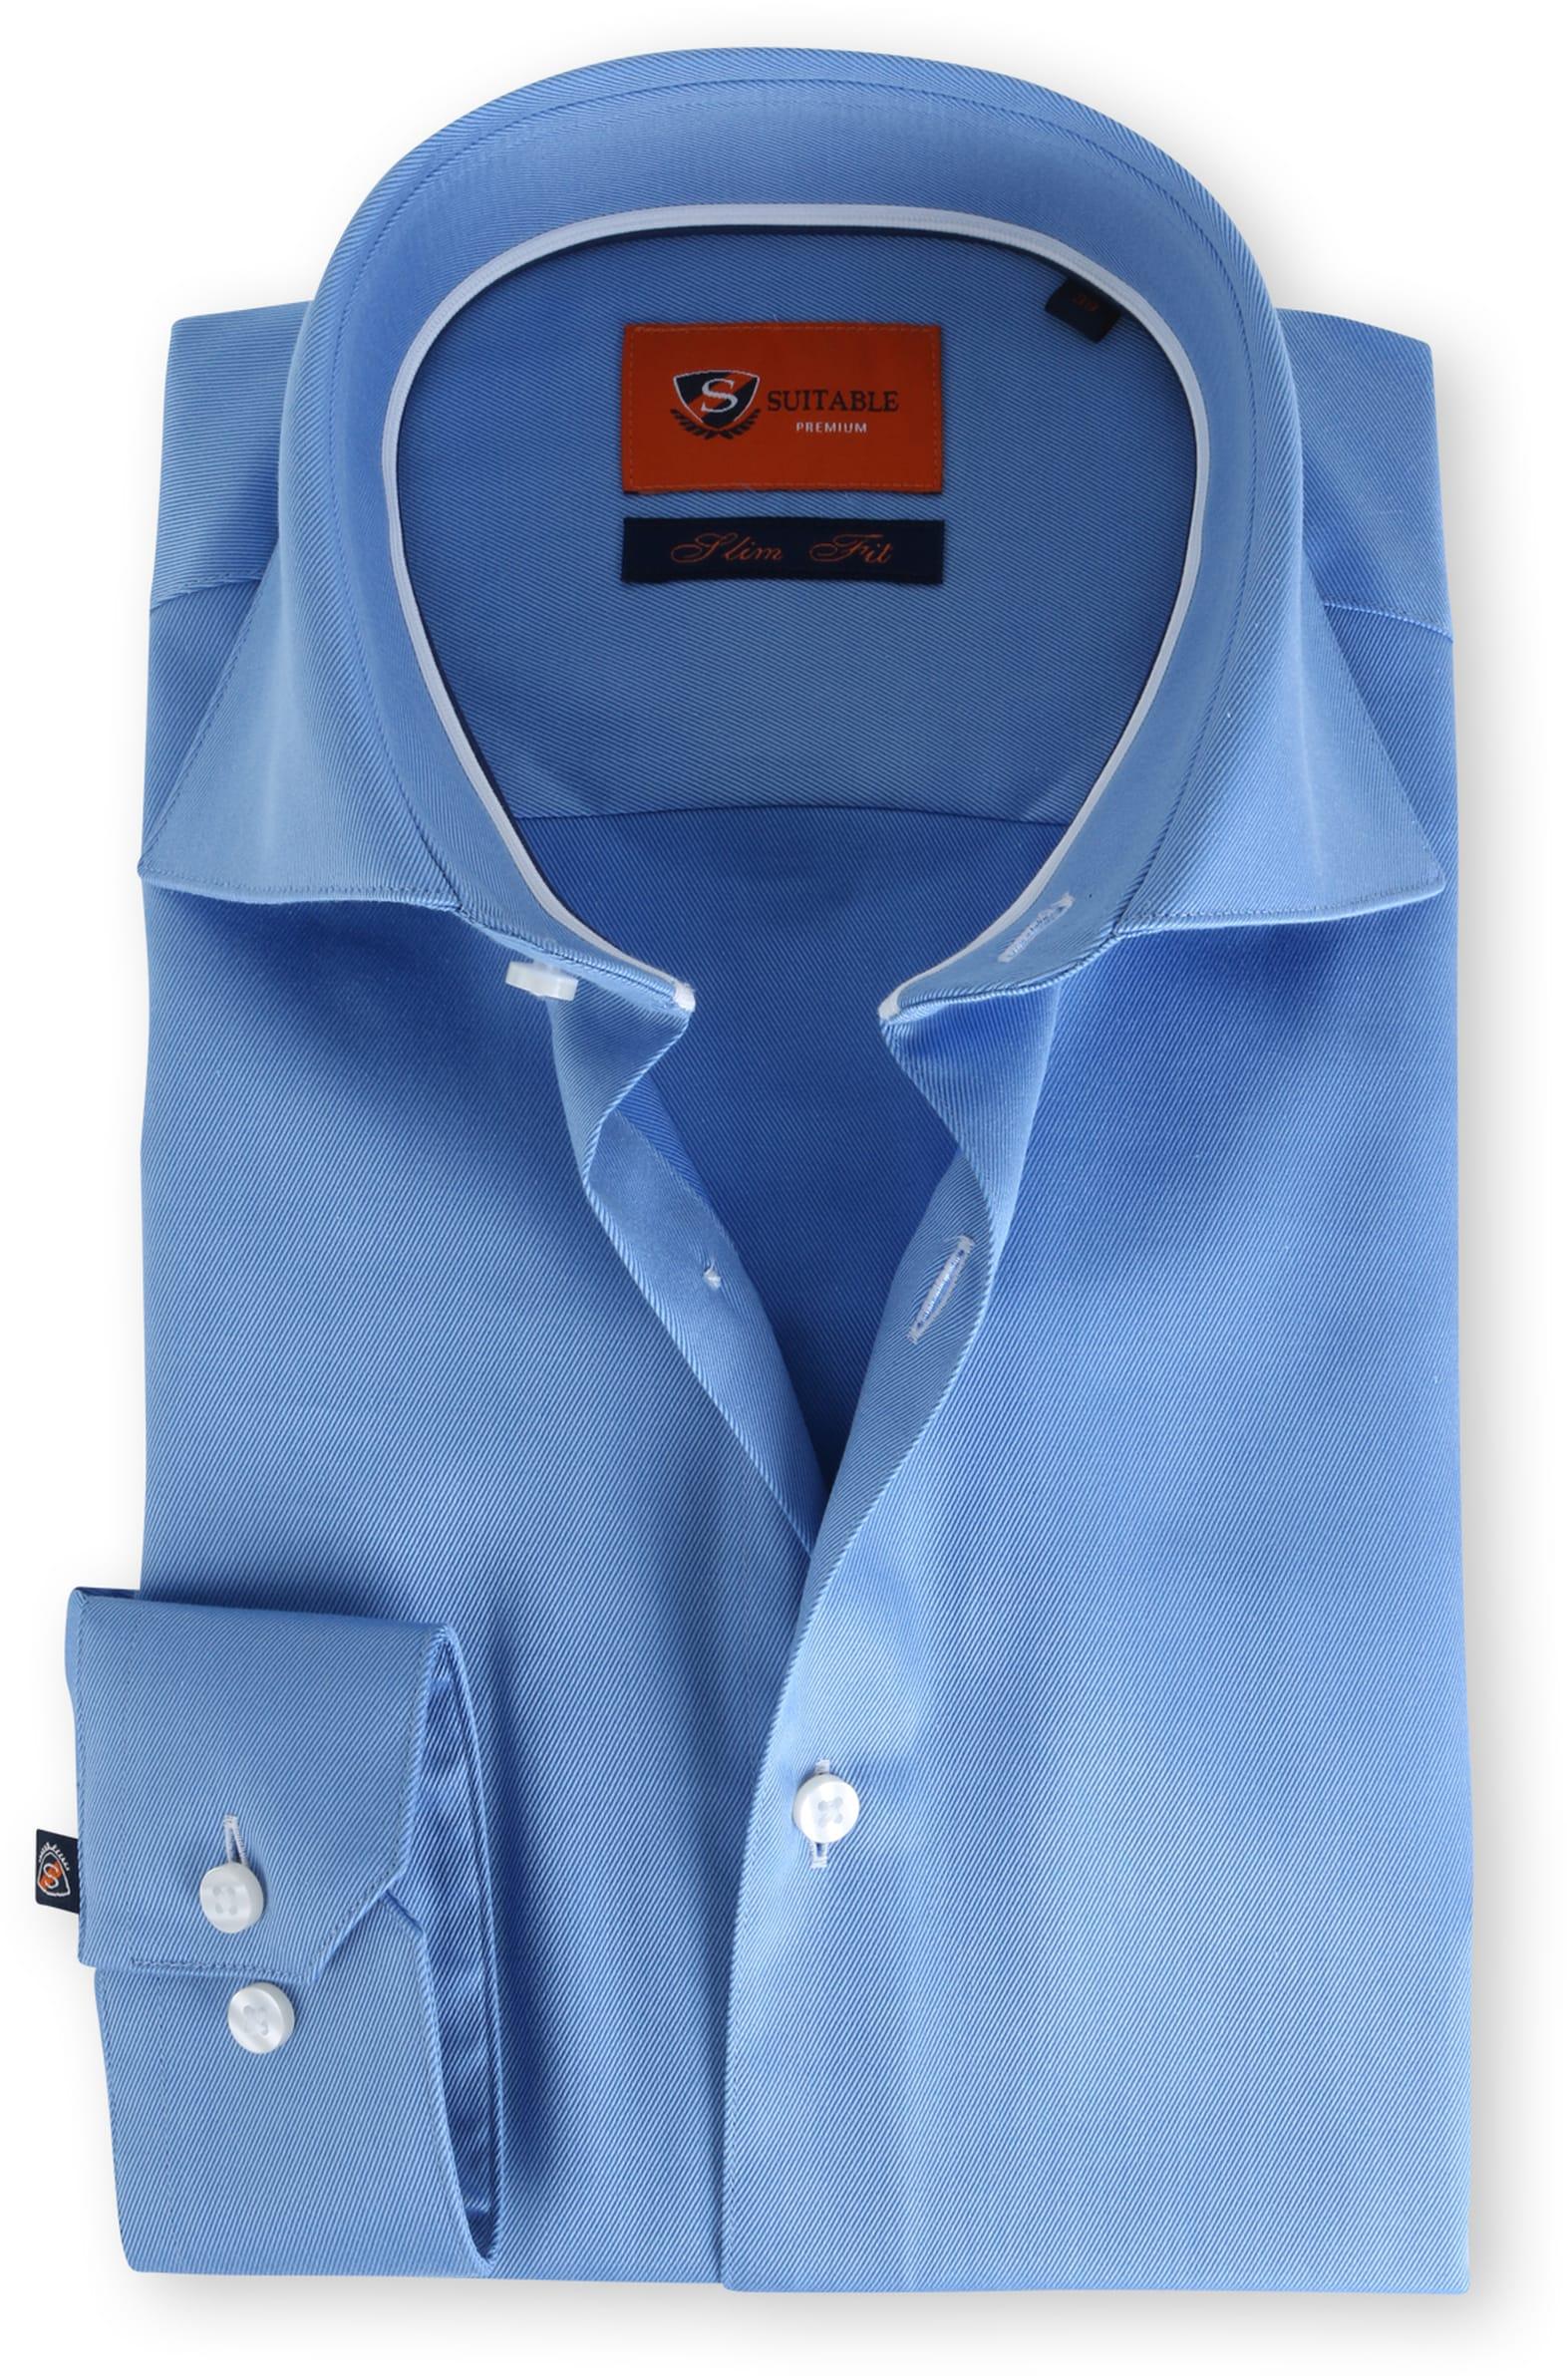 Suitable Blau Hemd Slim Fit DR-02 foto 0